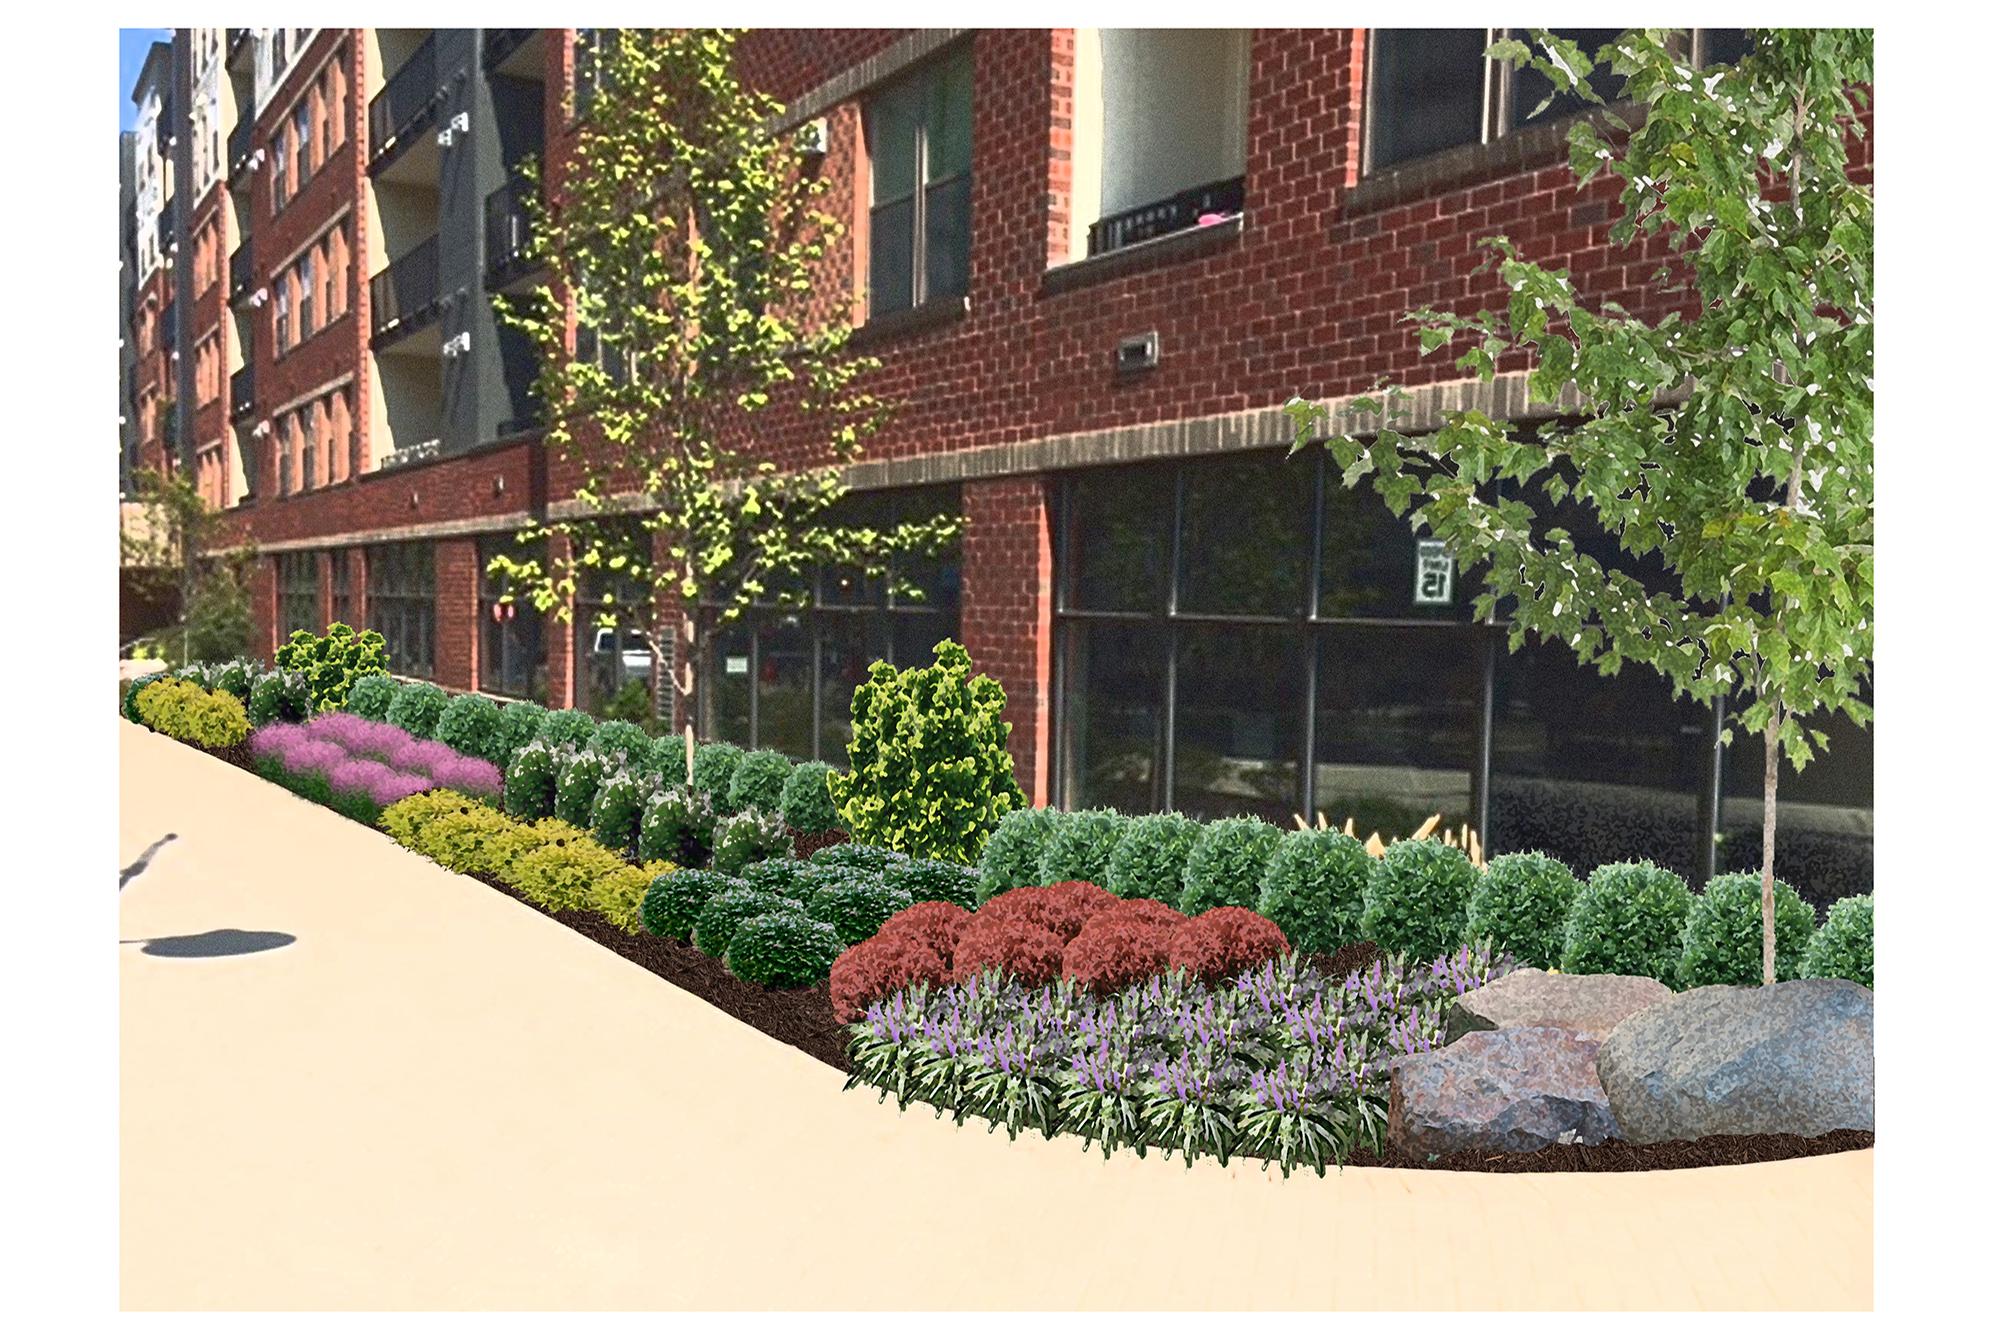 commercial landscape design 3 - md, dc, va